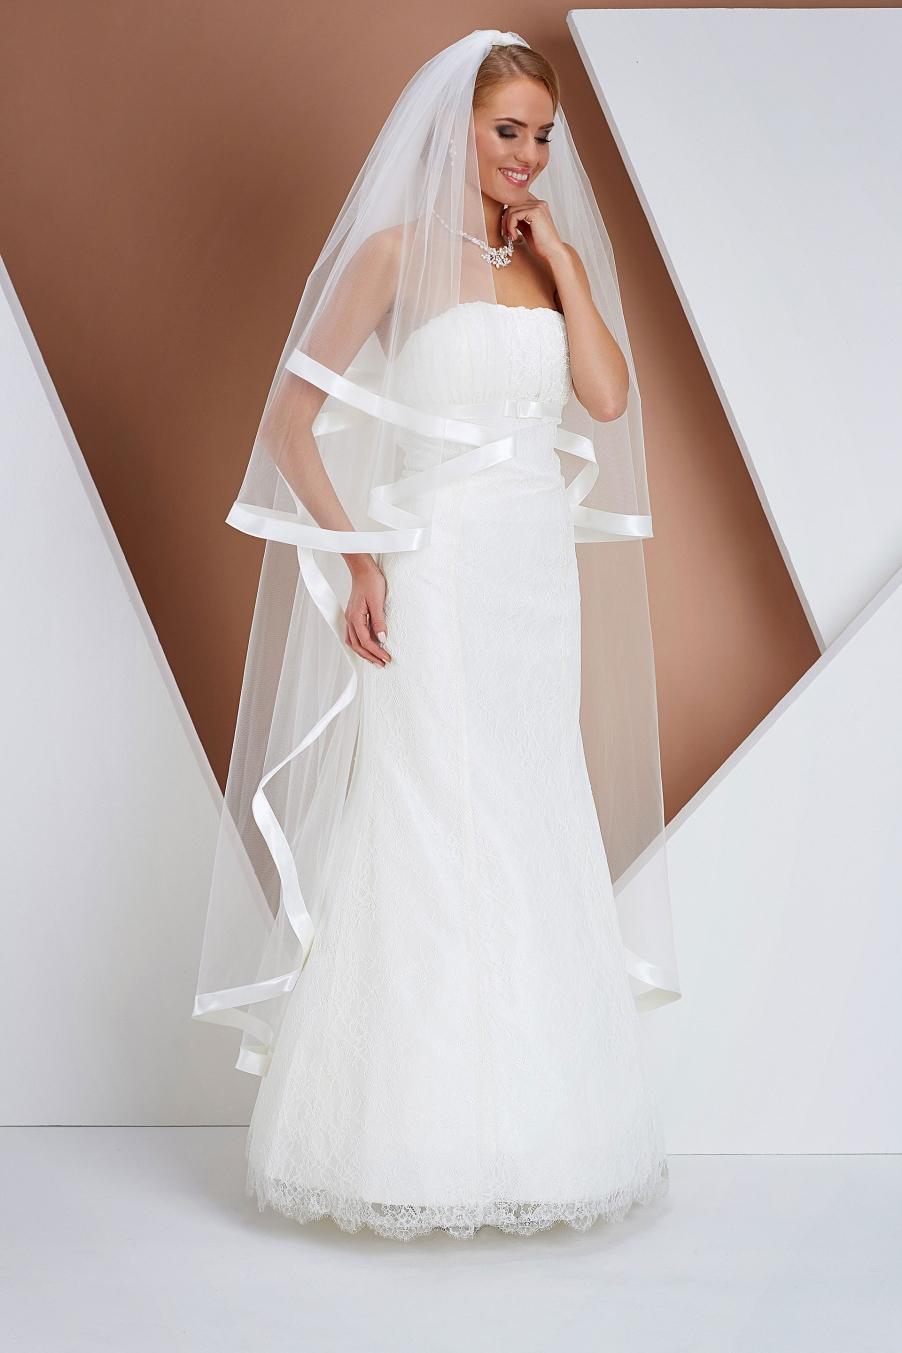 Ivory svadobný závoj - Obrázok č. 1